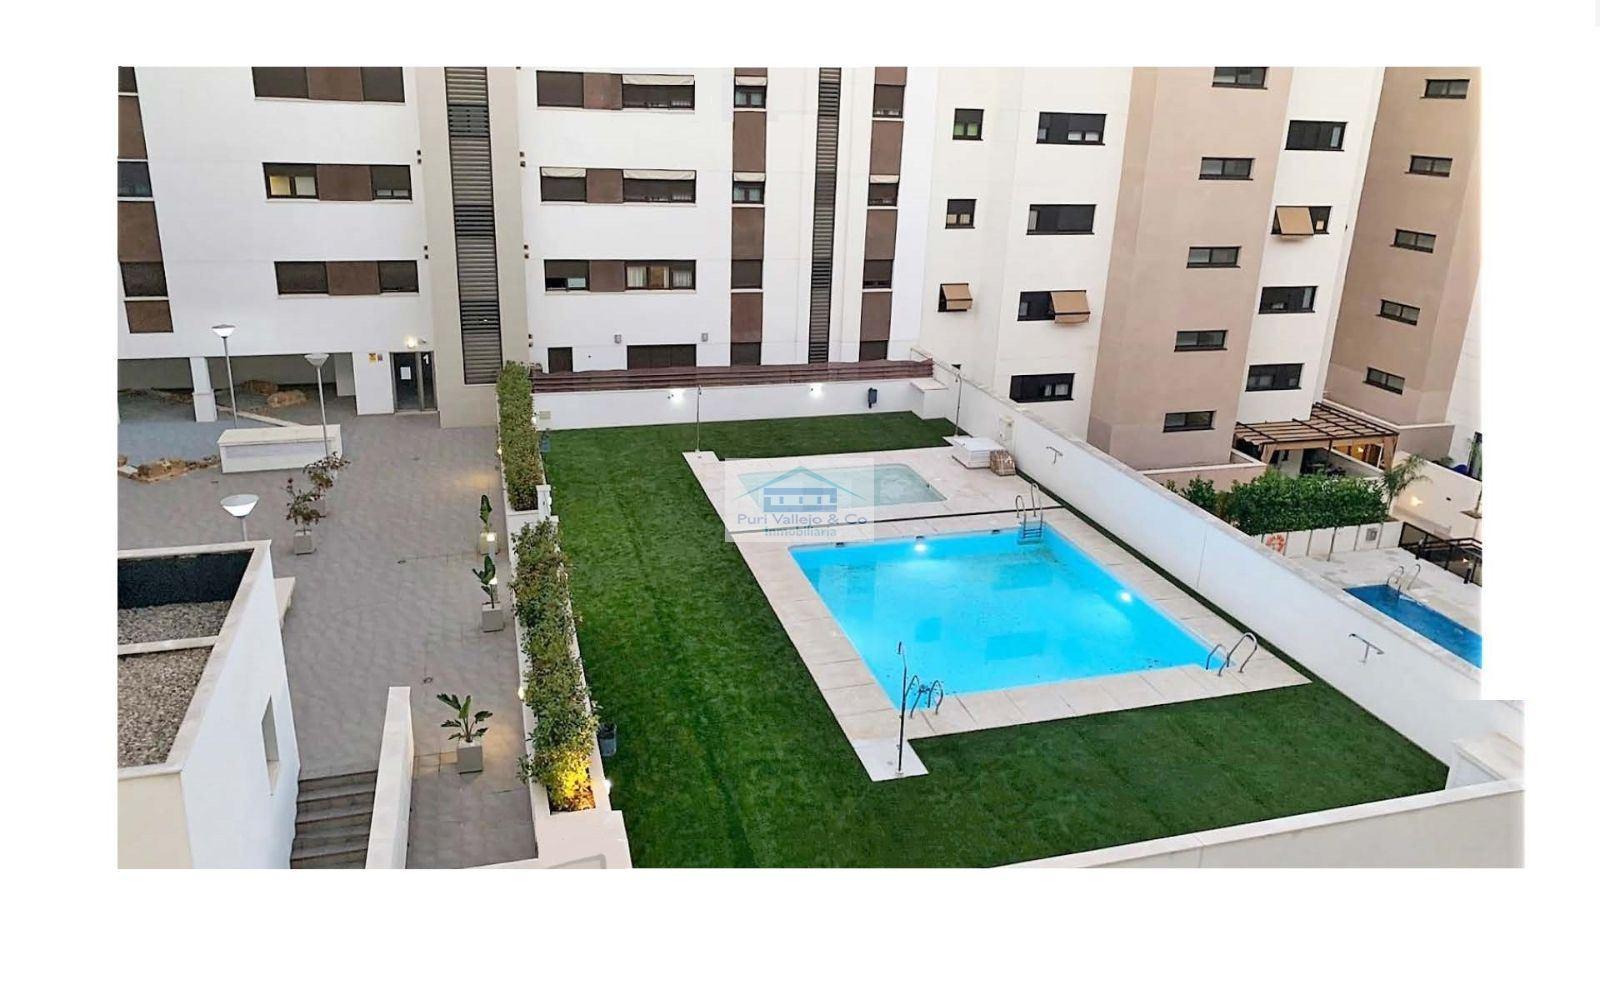 Piso en Nuevo Zoco en residencial con piscina con terraza de 40m.